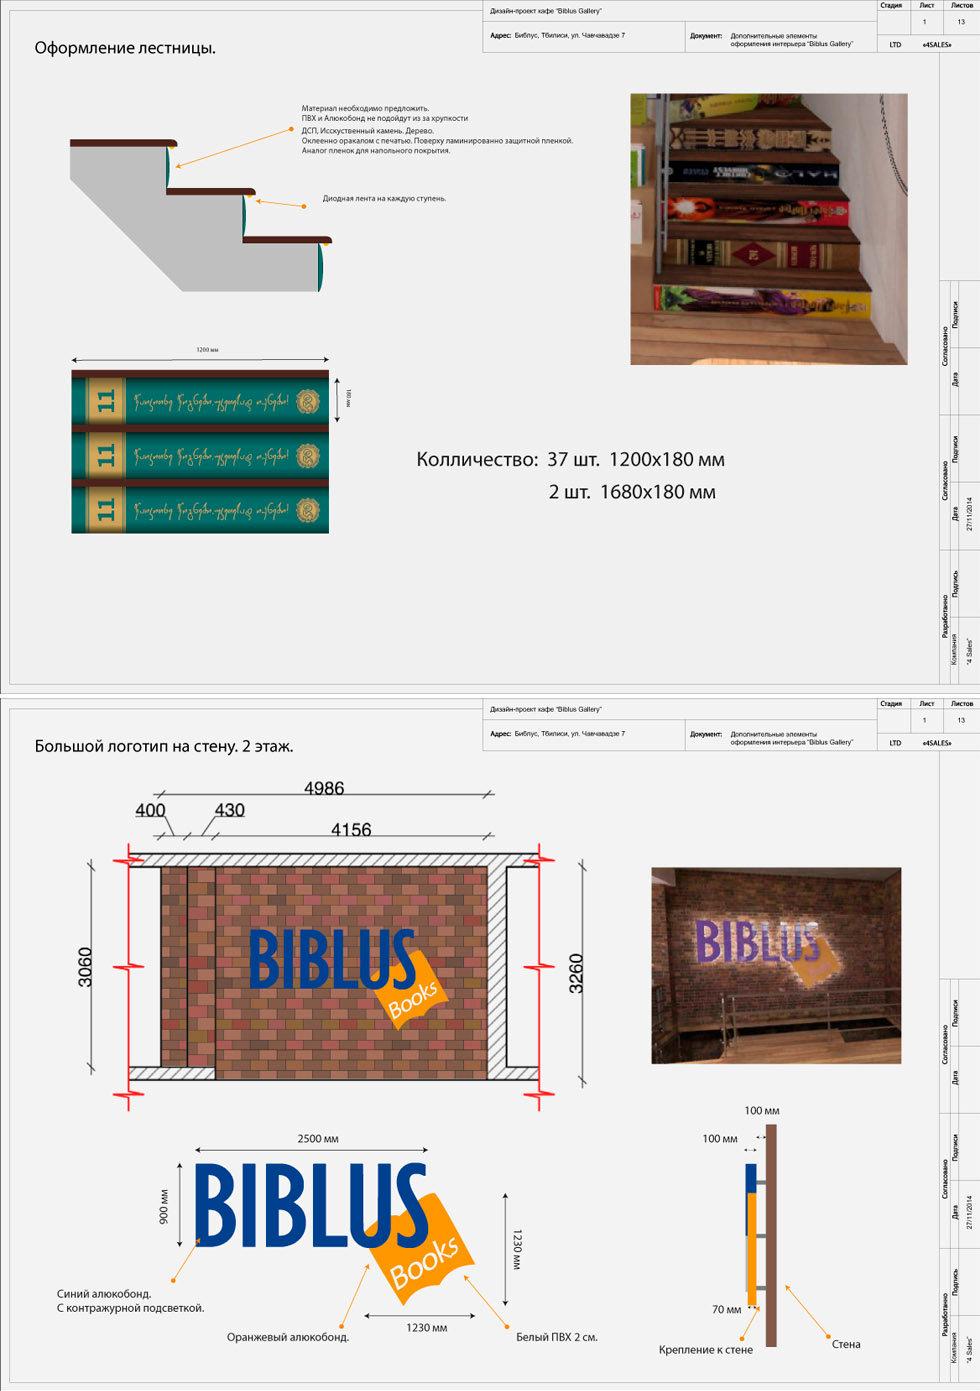 оформление интерьера магазина biblus